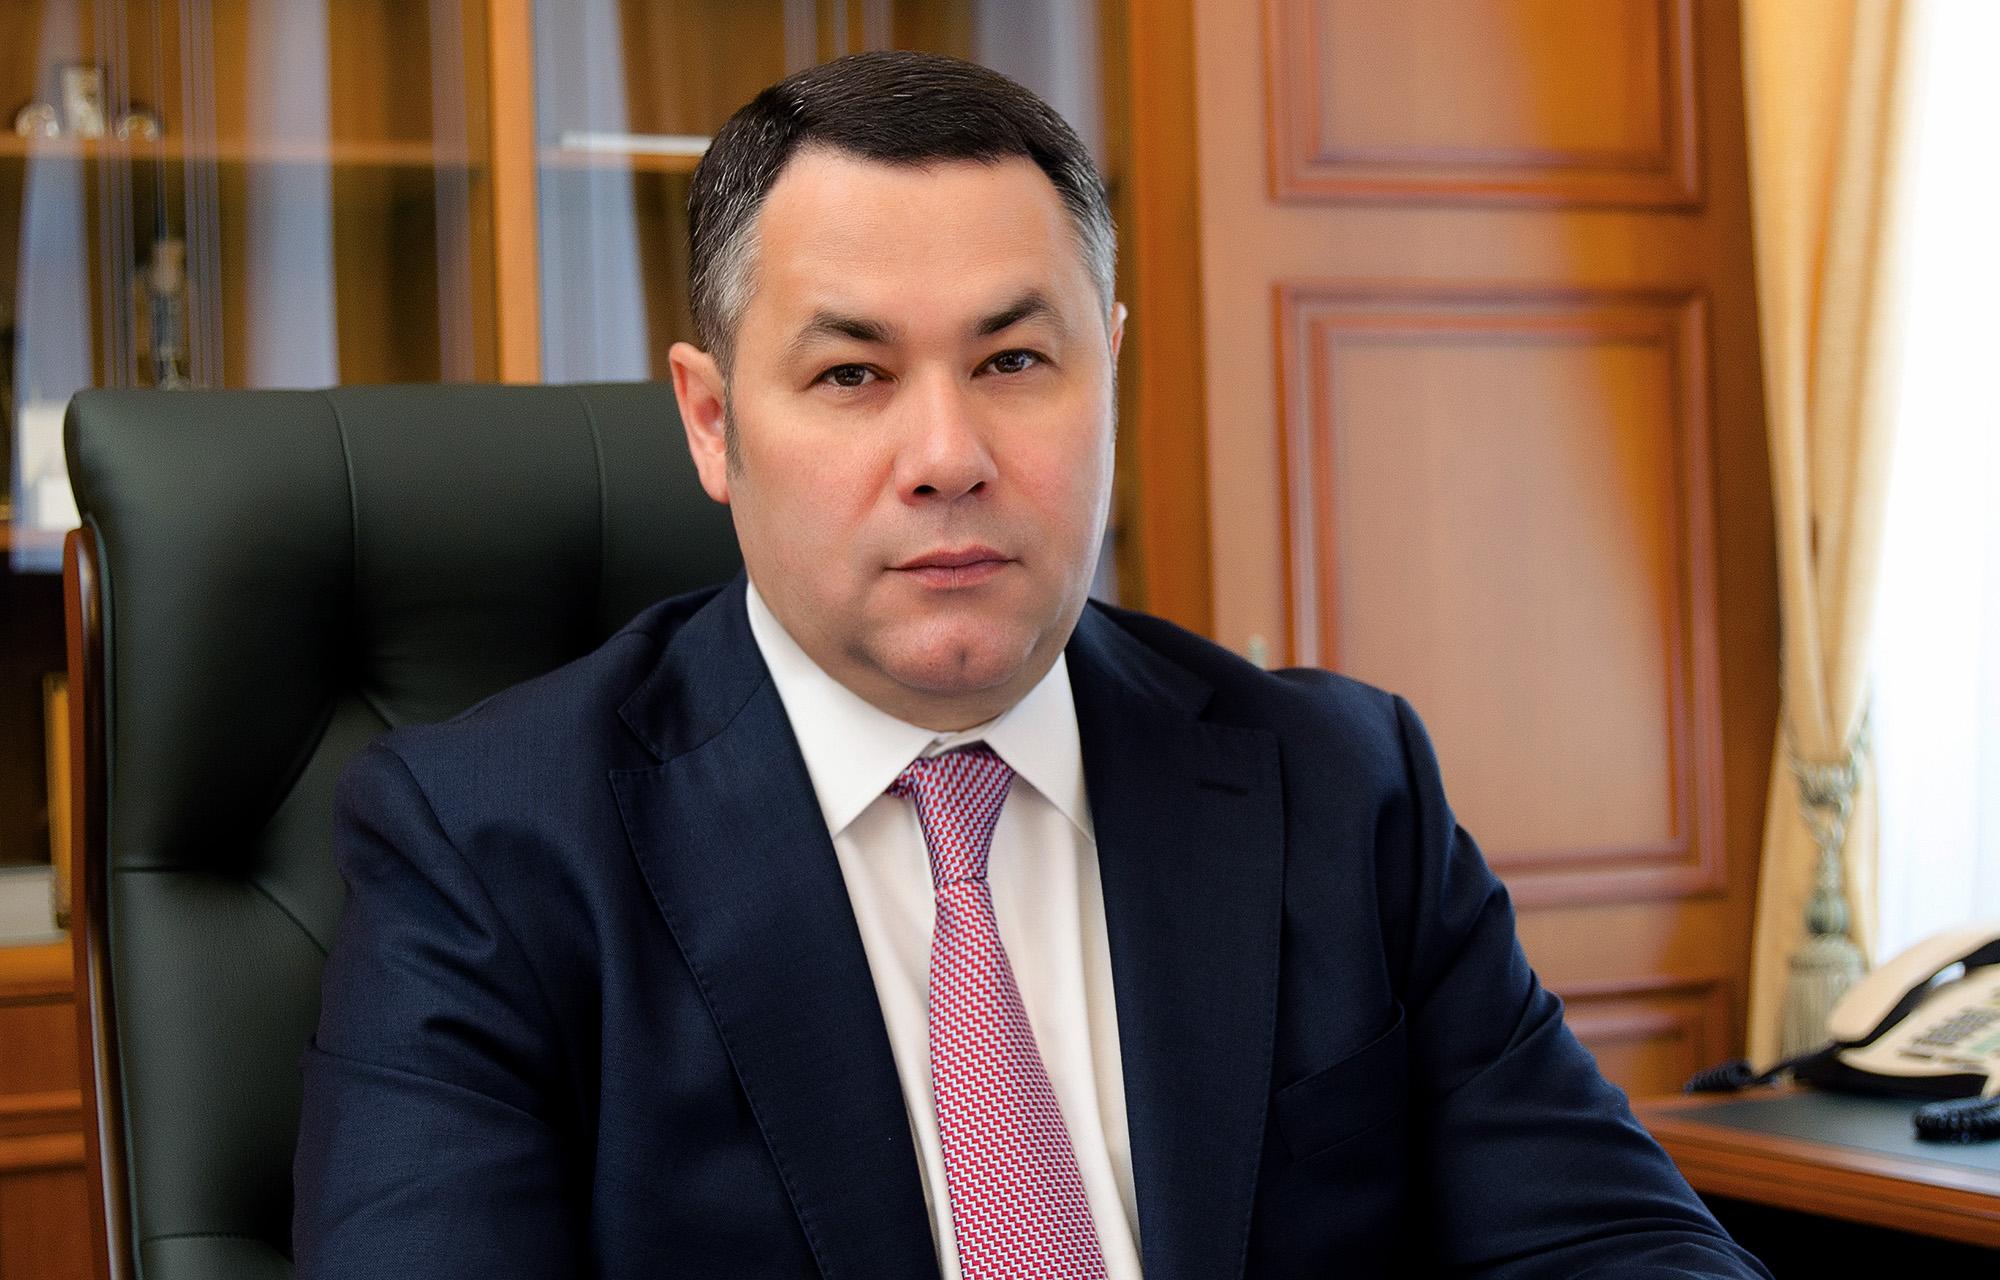 Губернатор Игорь Руденя вошел в новый состав Госсовета РФ